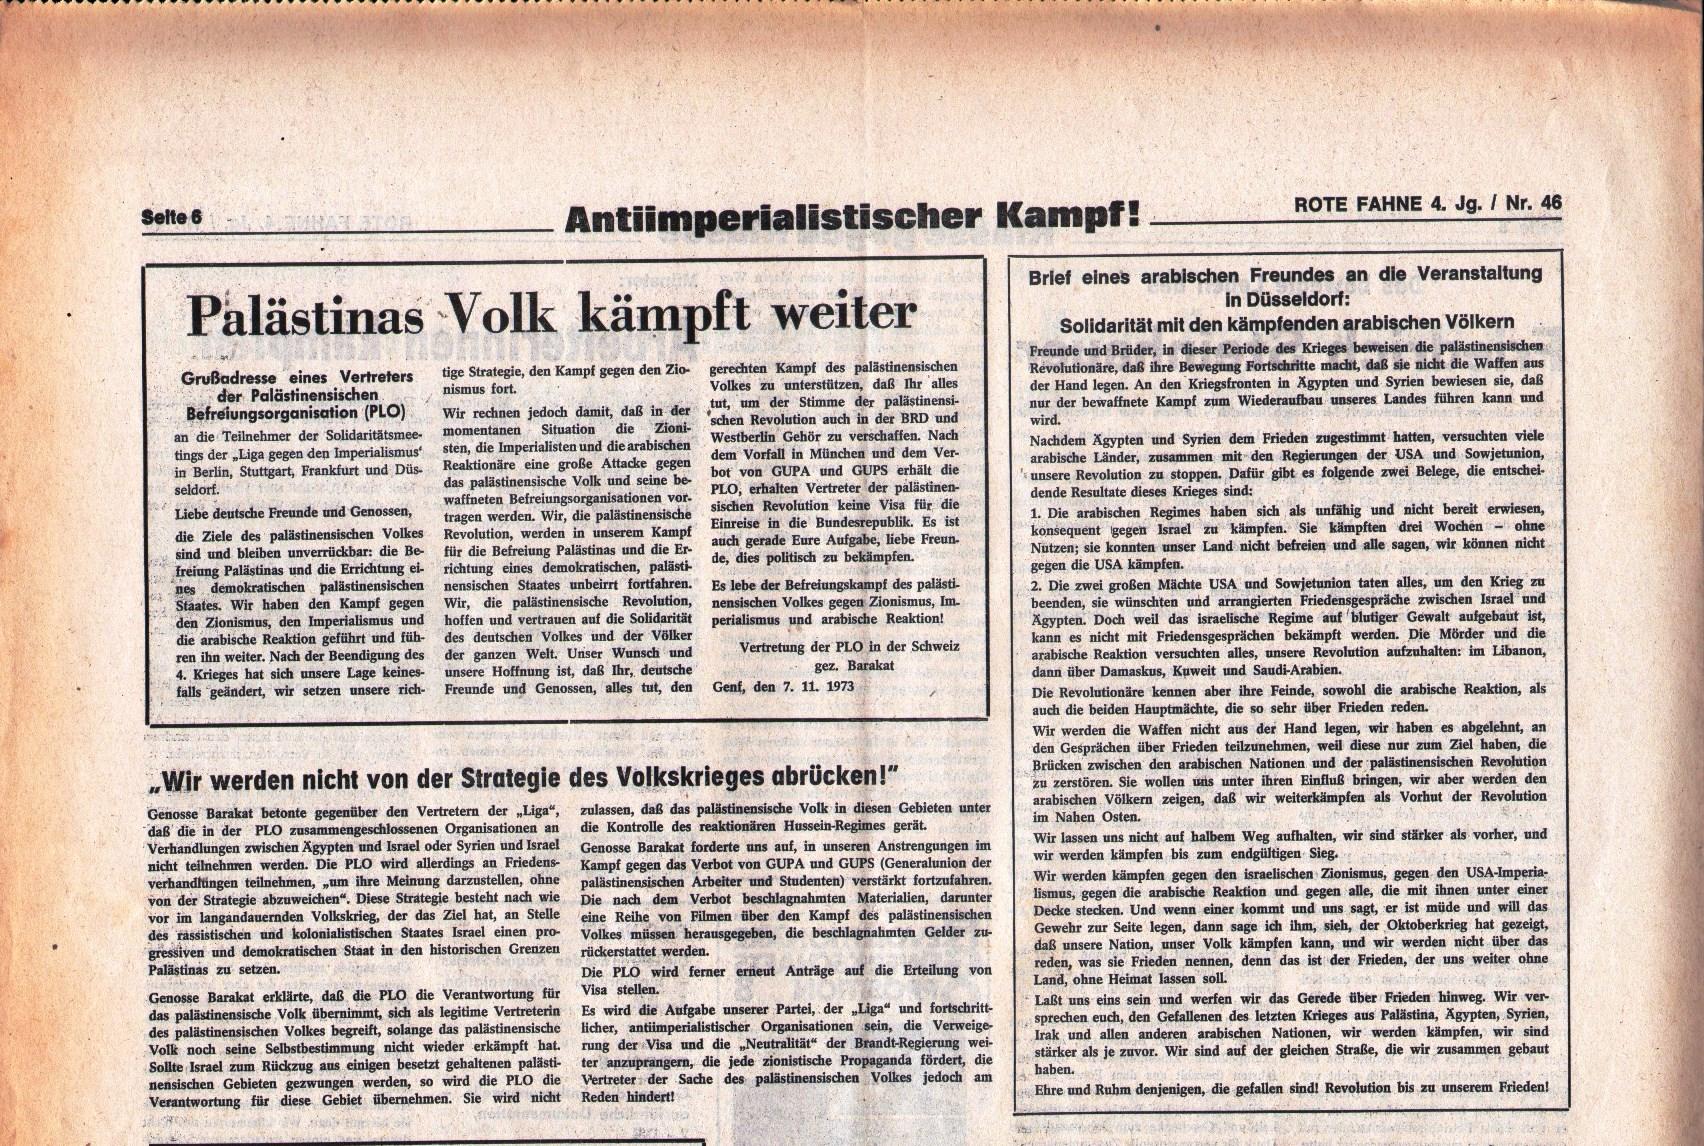 KPD_Rote_Fahne_1973_46_11